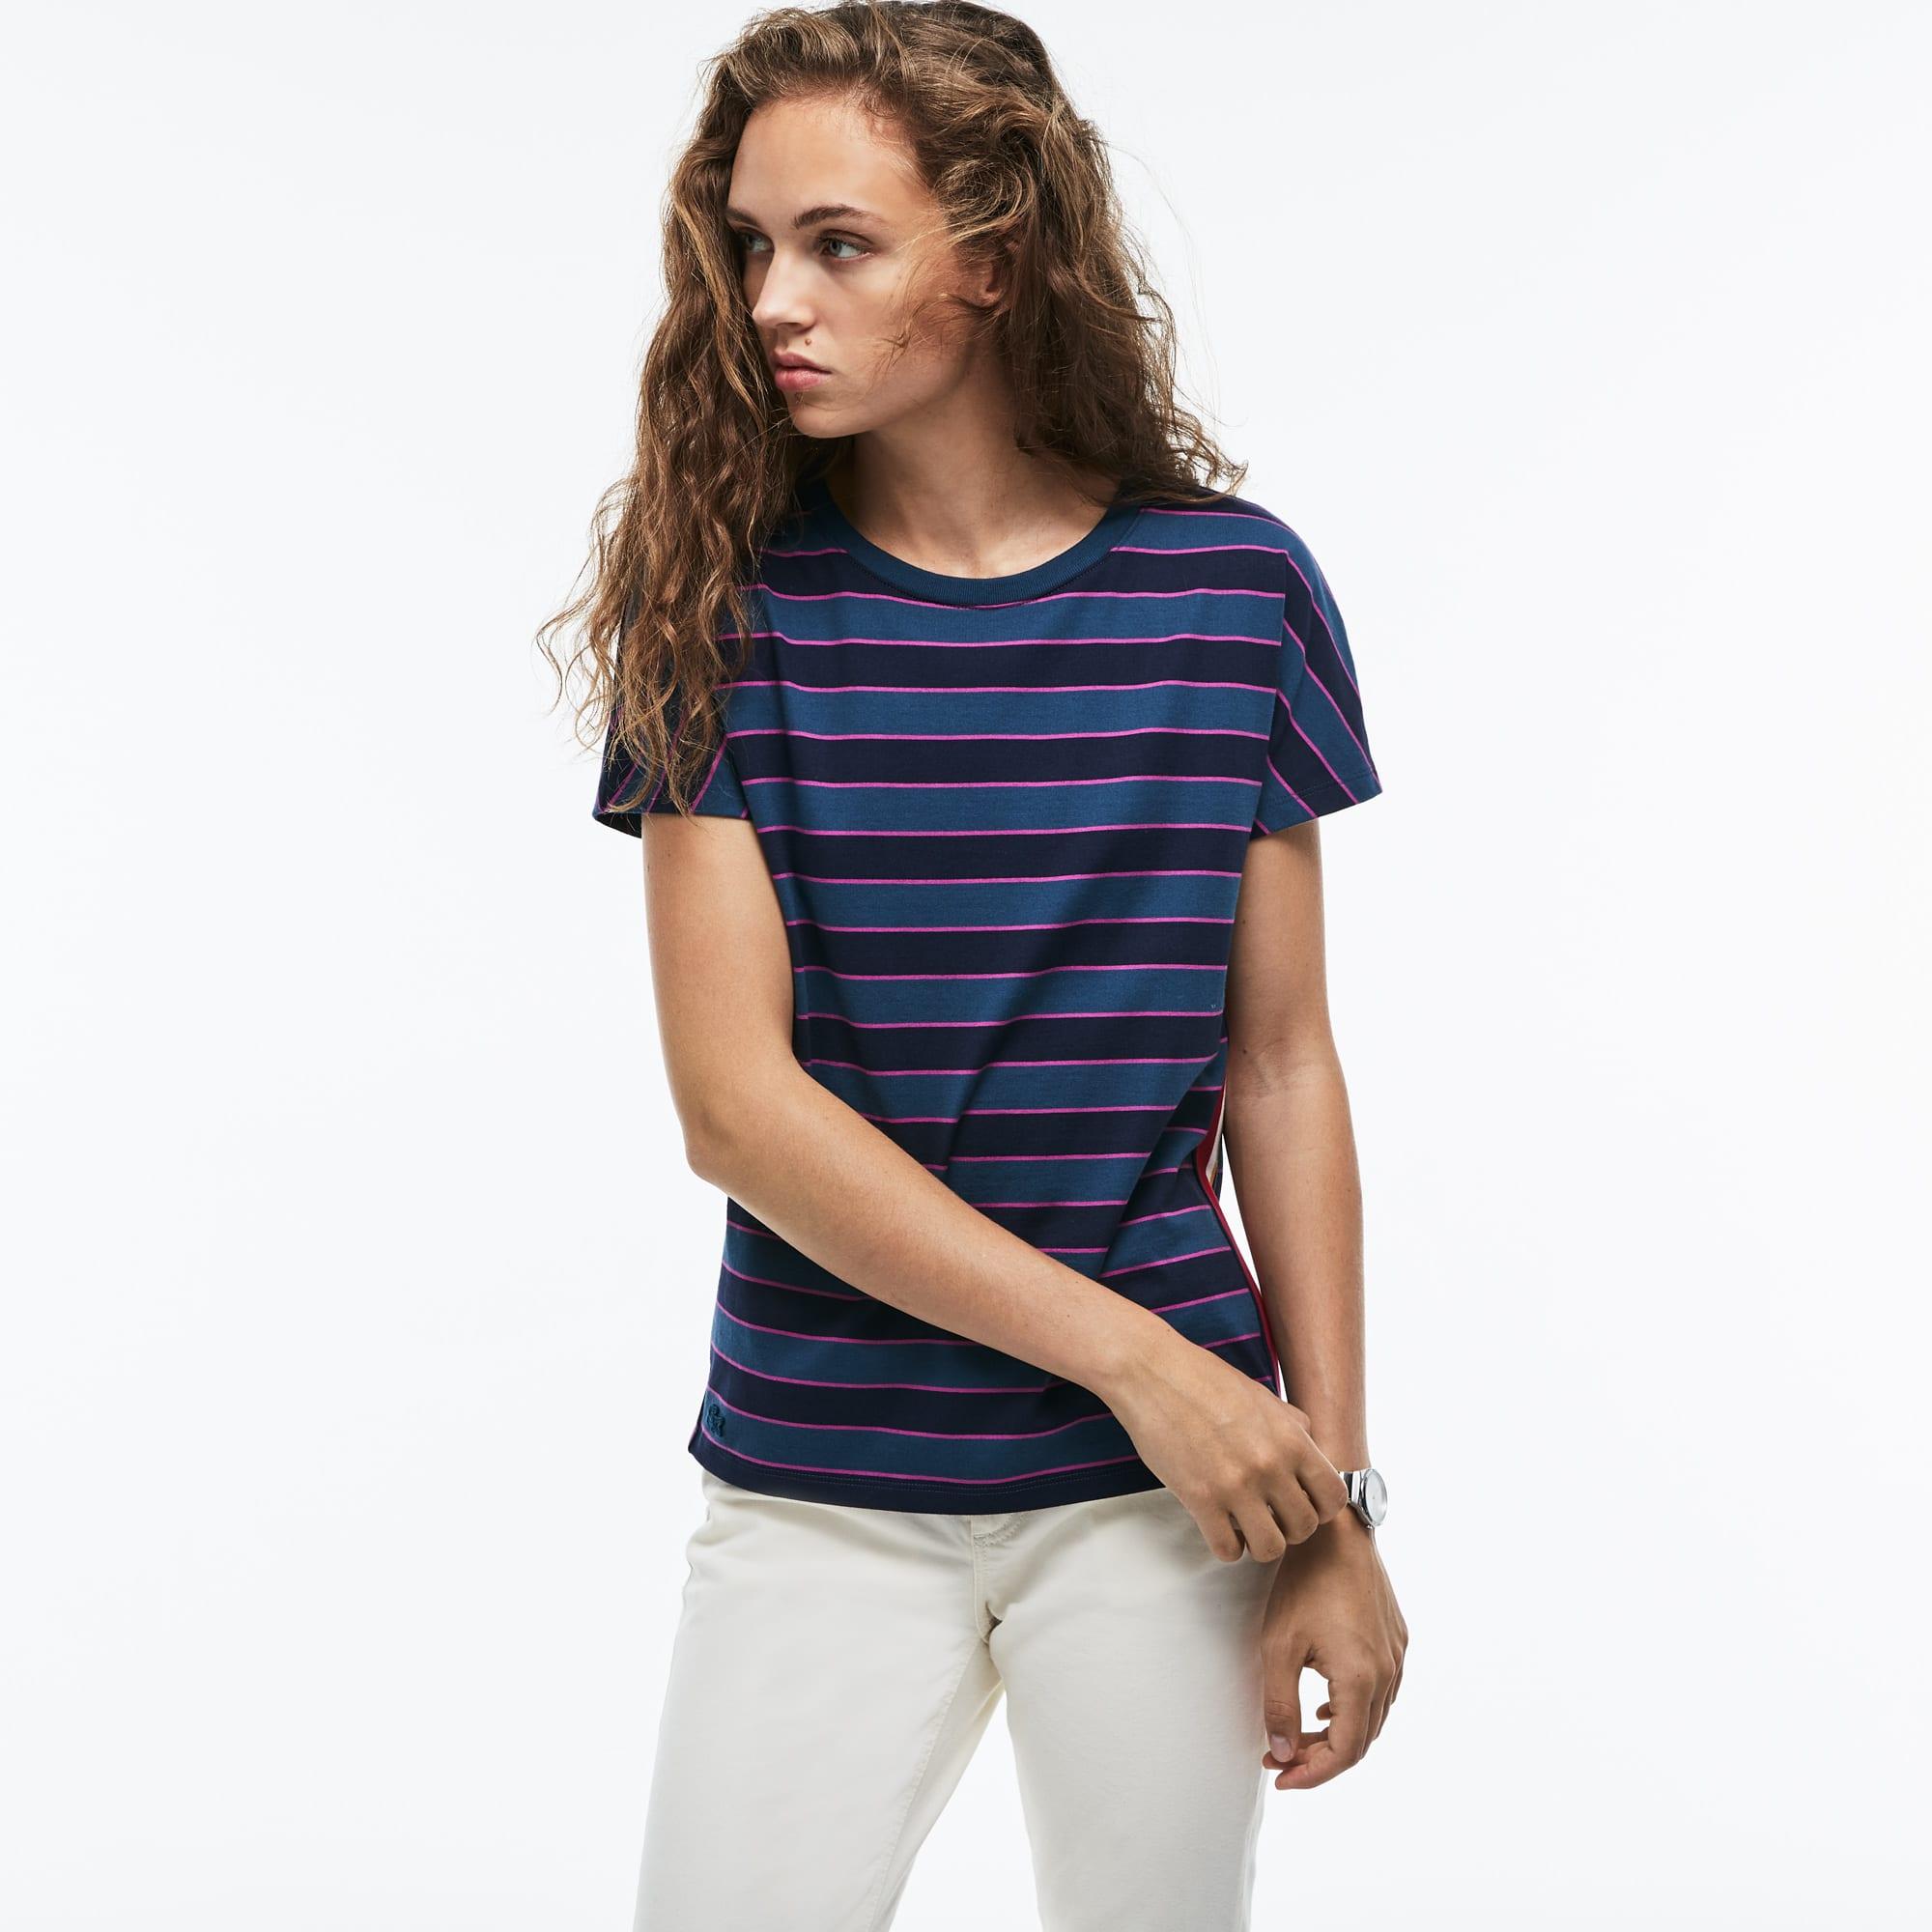 T-shirt col rond en jersey mercerisé de coton rayé color block